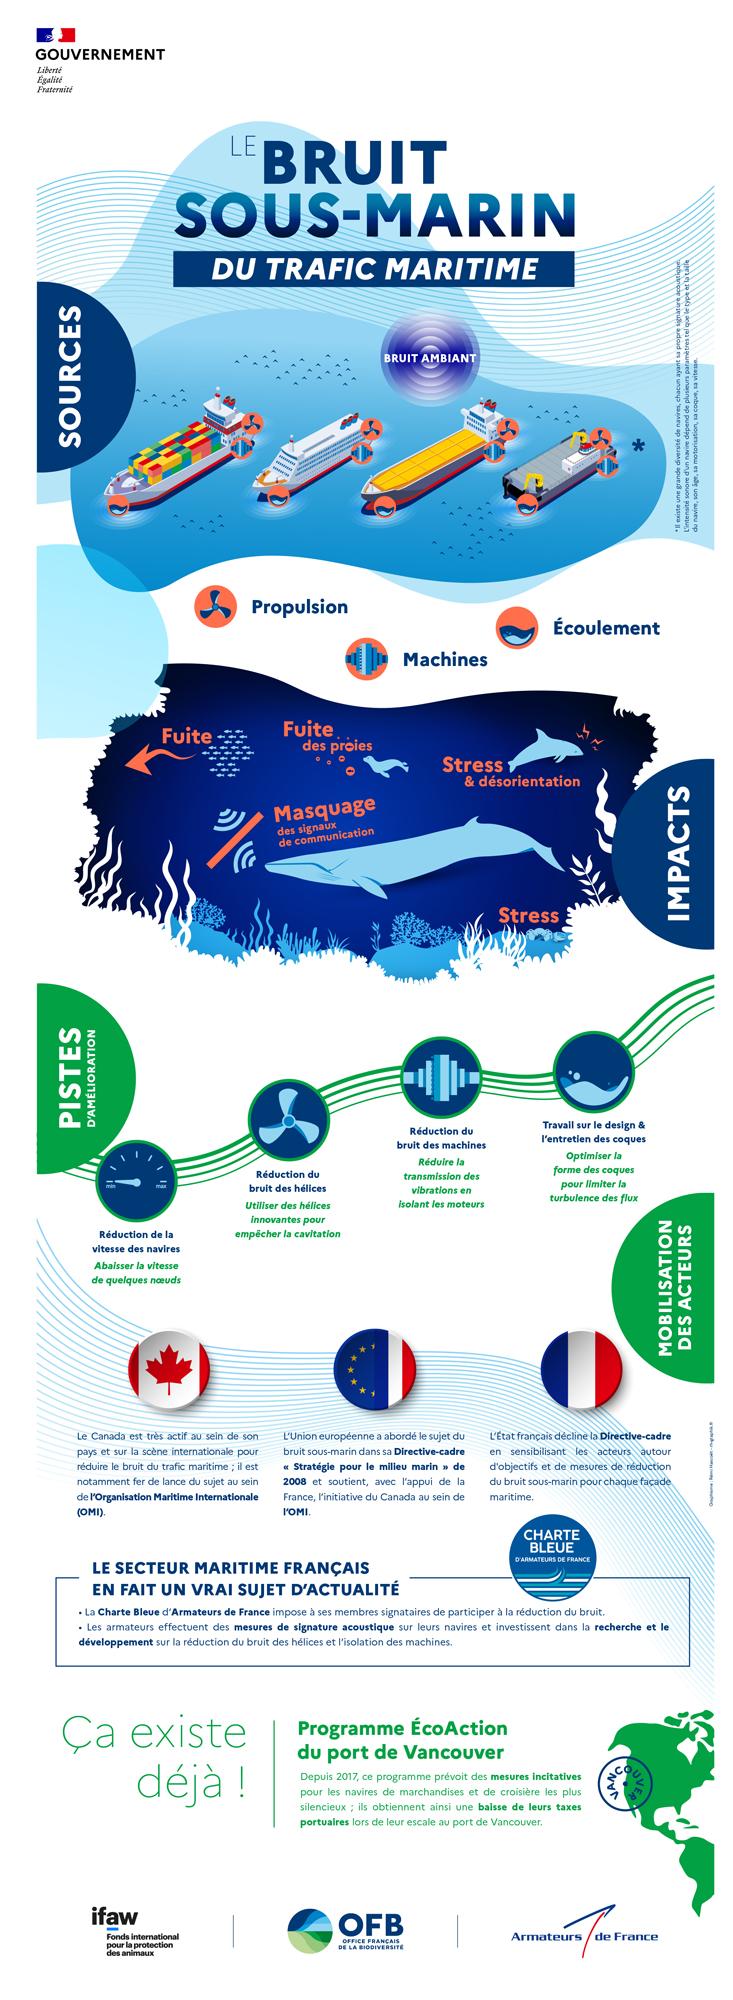 Infographie sur le transport maritime le bruit sous-marin